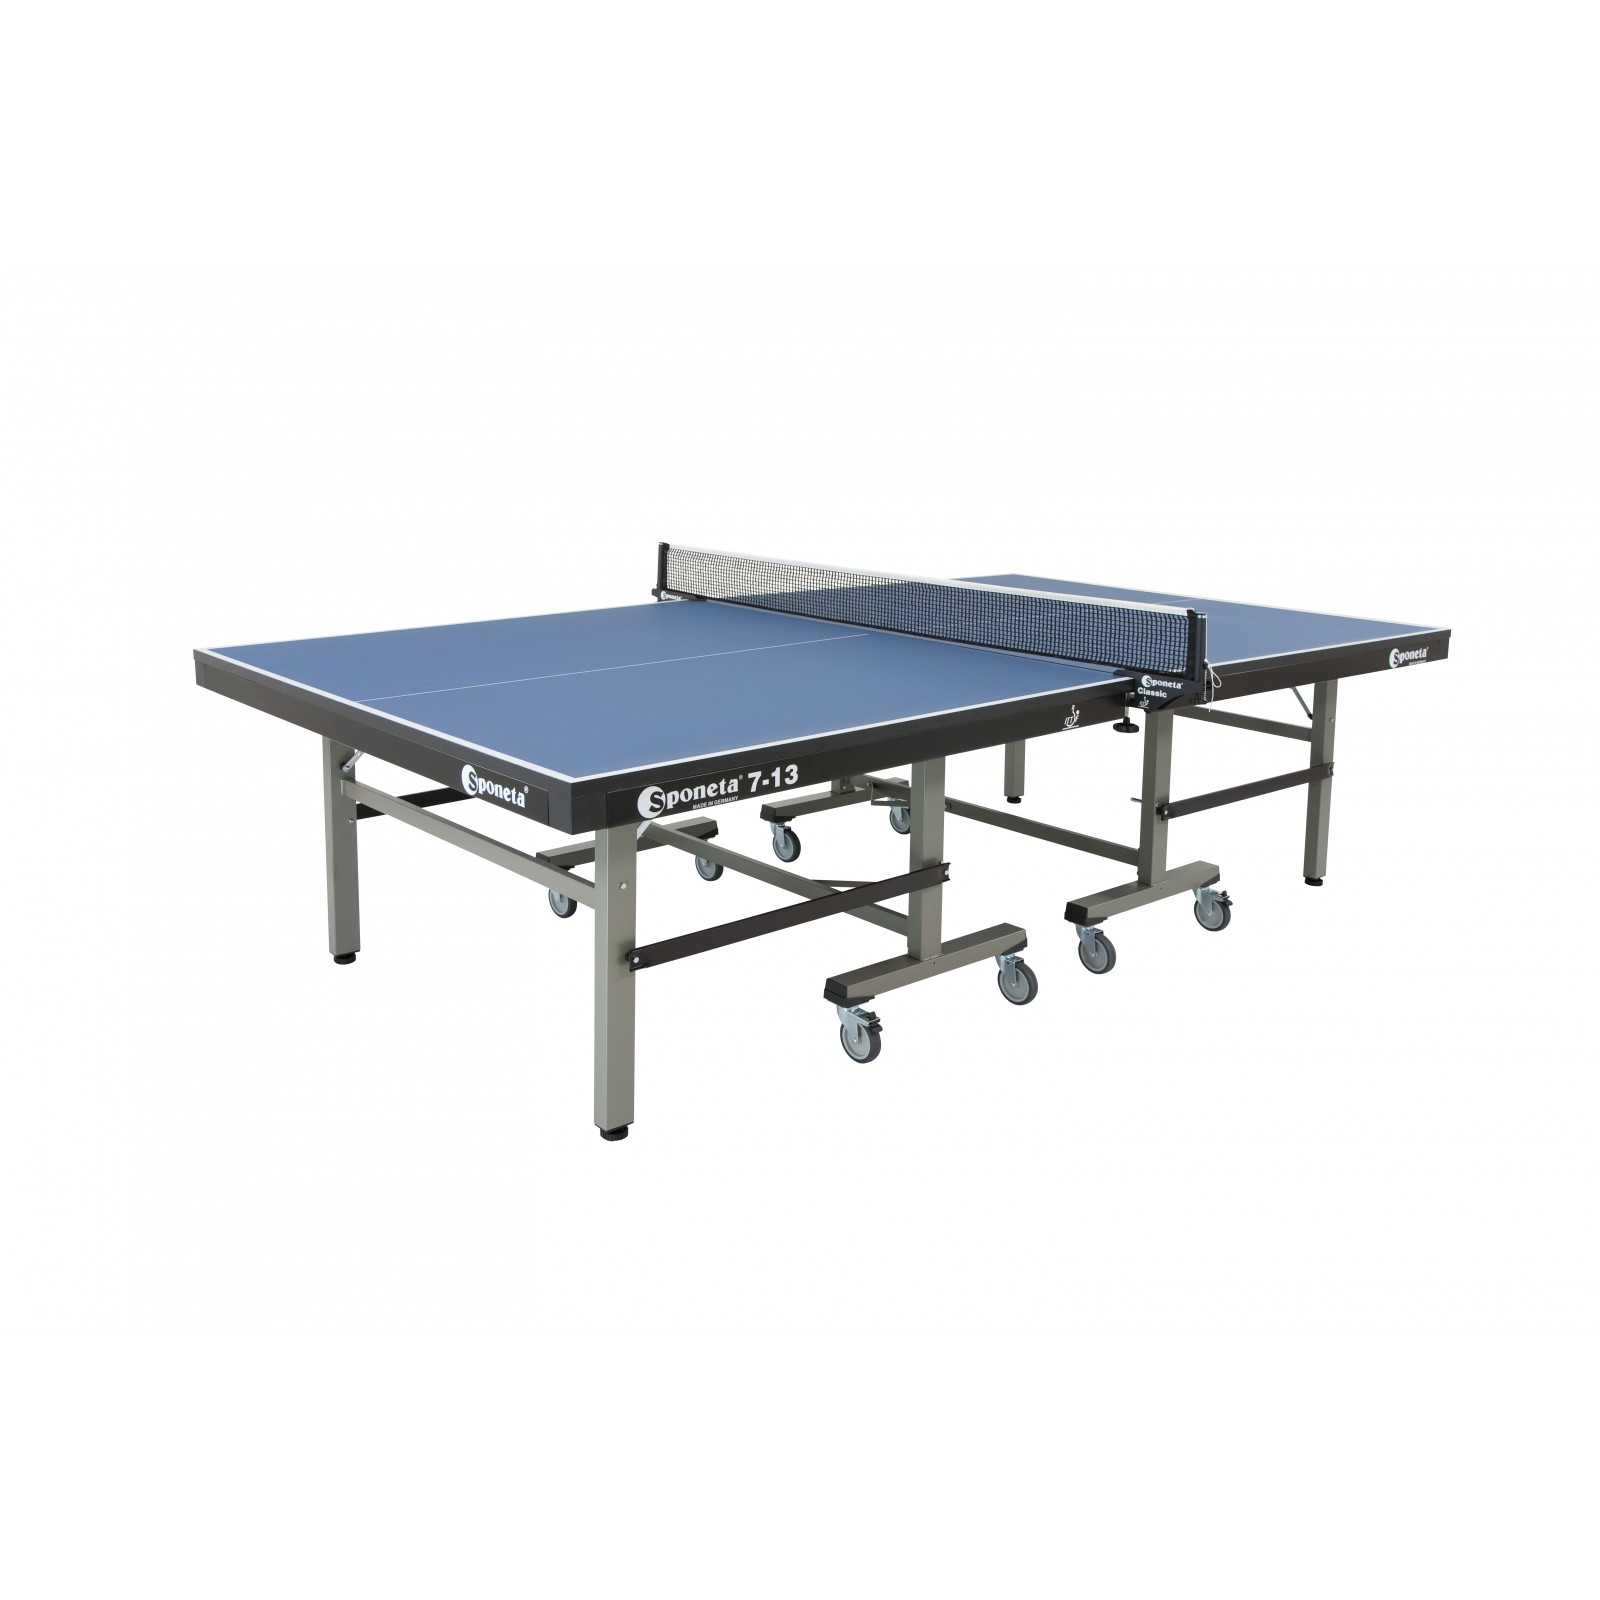 064543eea Loading zoom. sponeta. Sponeta Mesa Ping pong Competición S7-13 azul